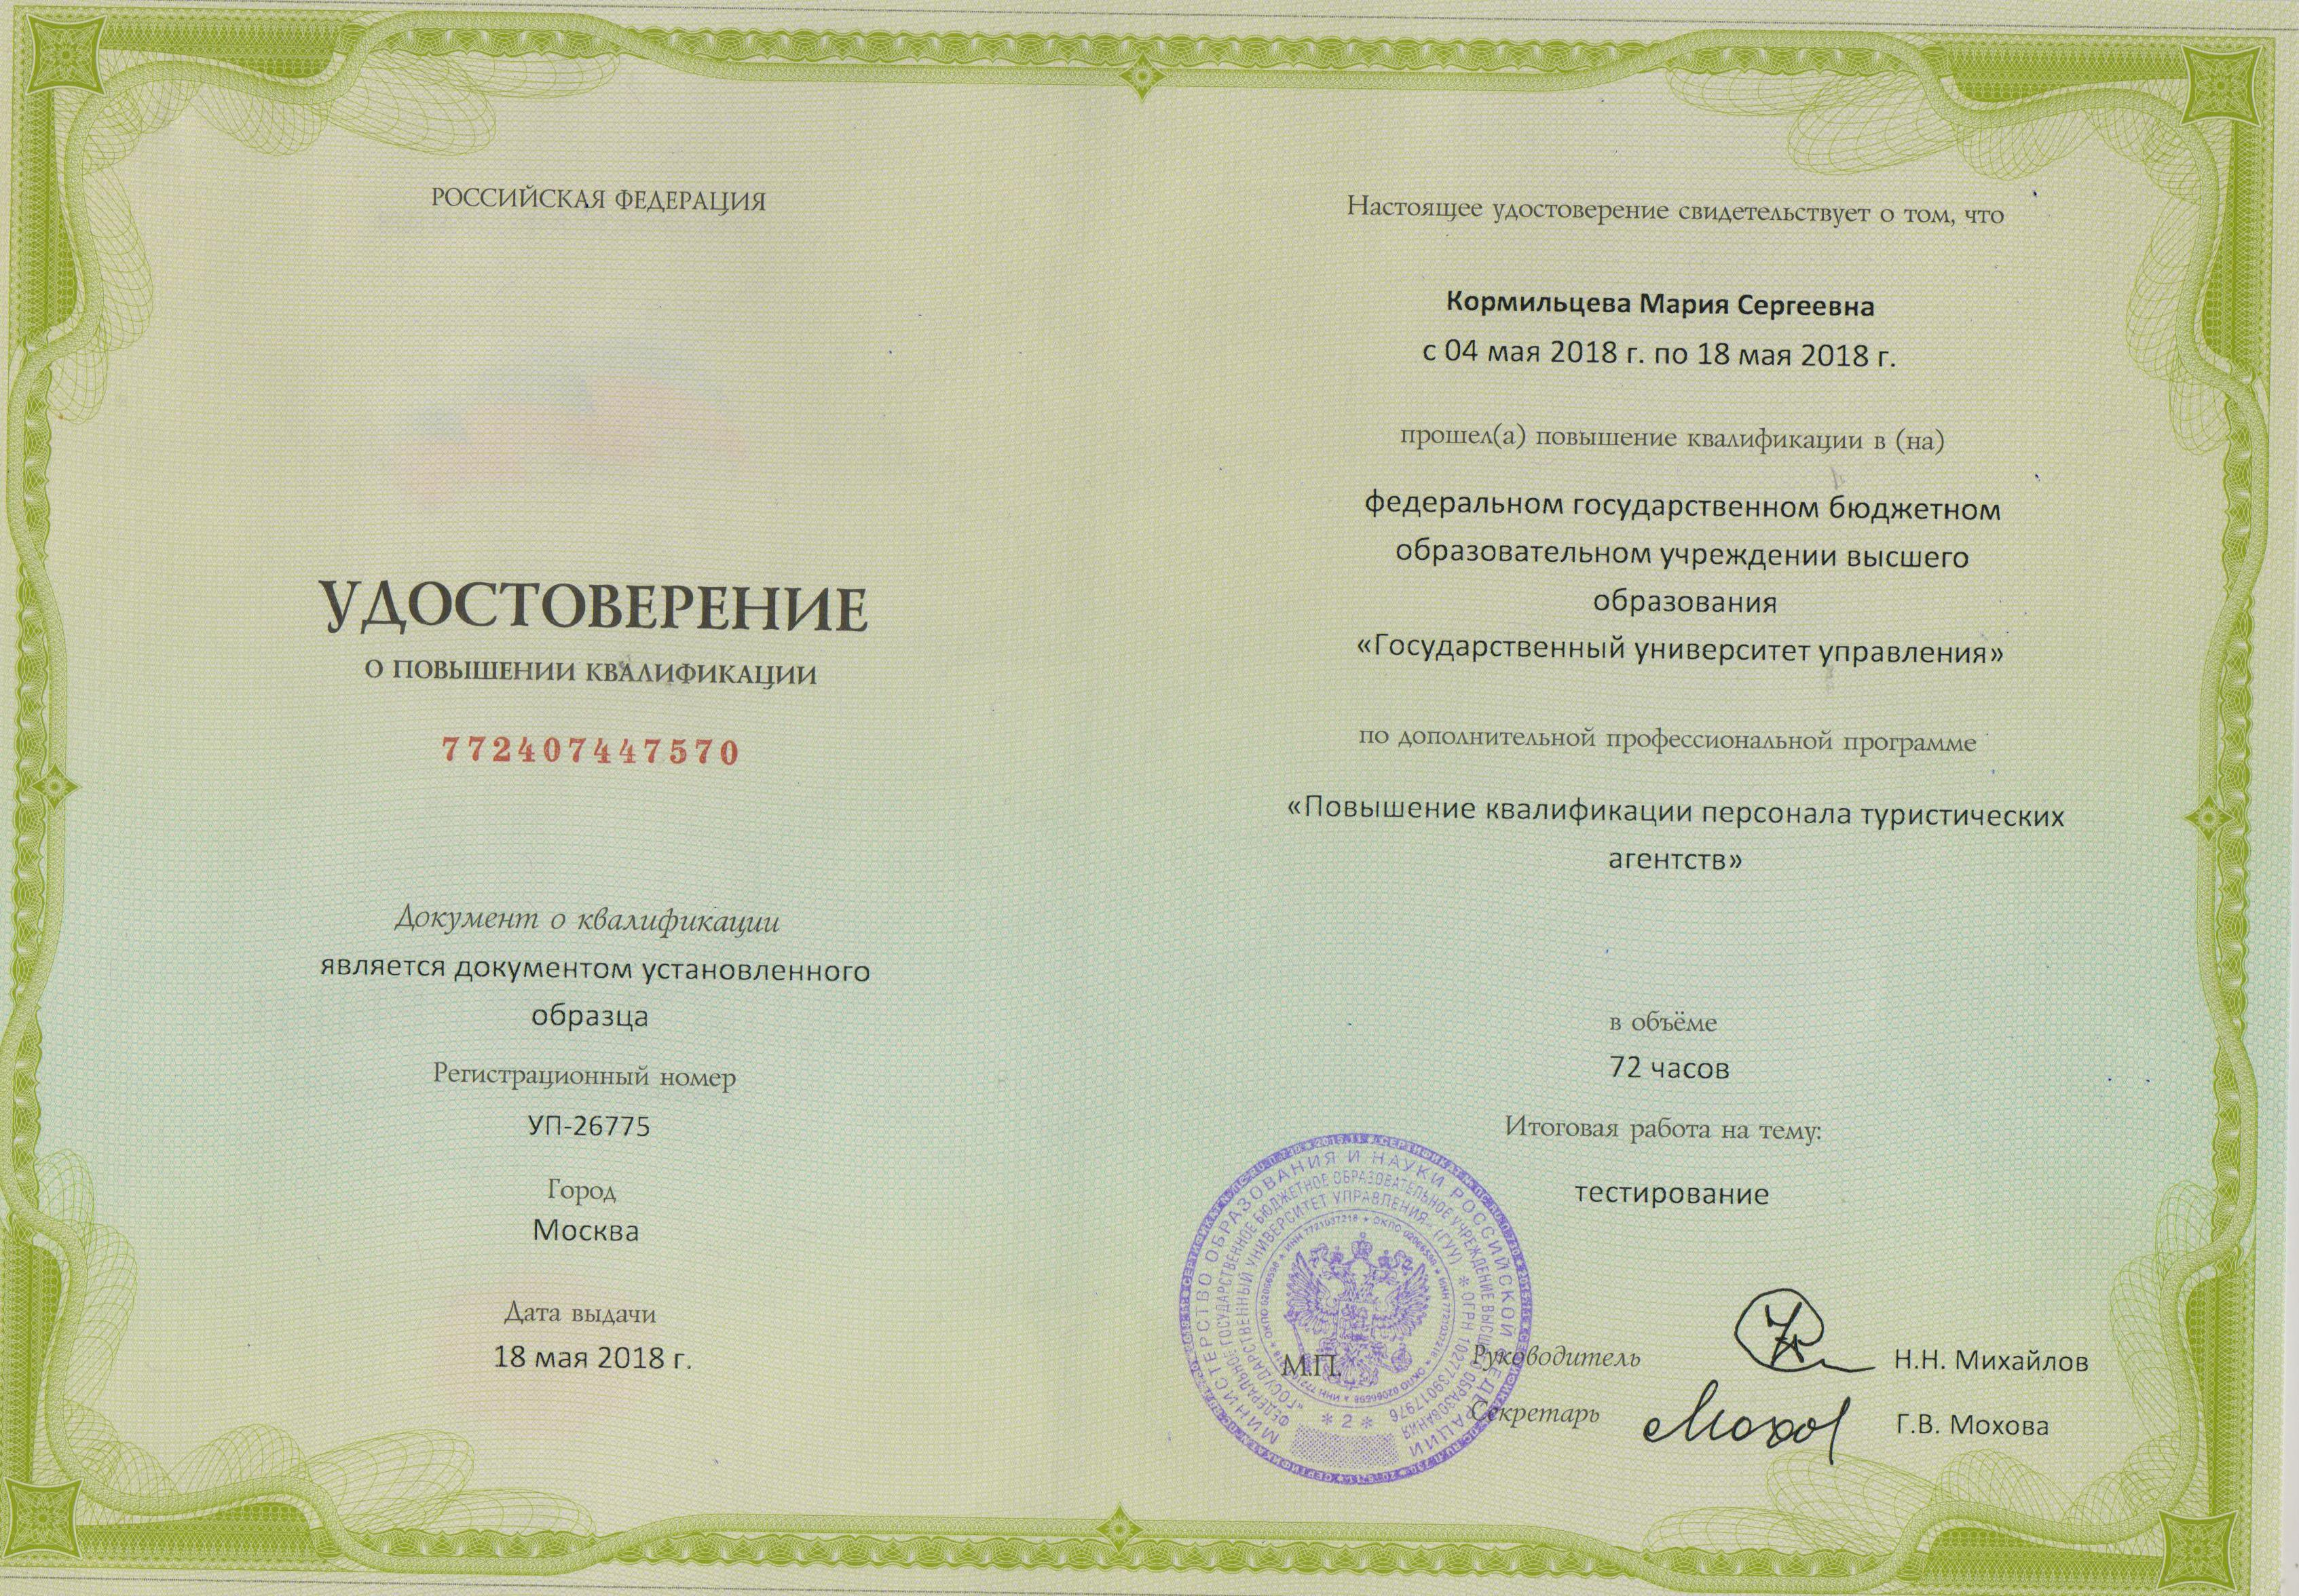 сертификат КОРМИЛЬЦЕВА М.С 001.jpg